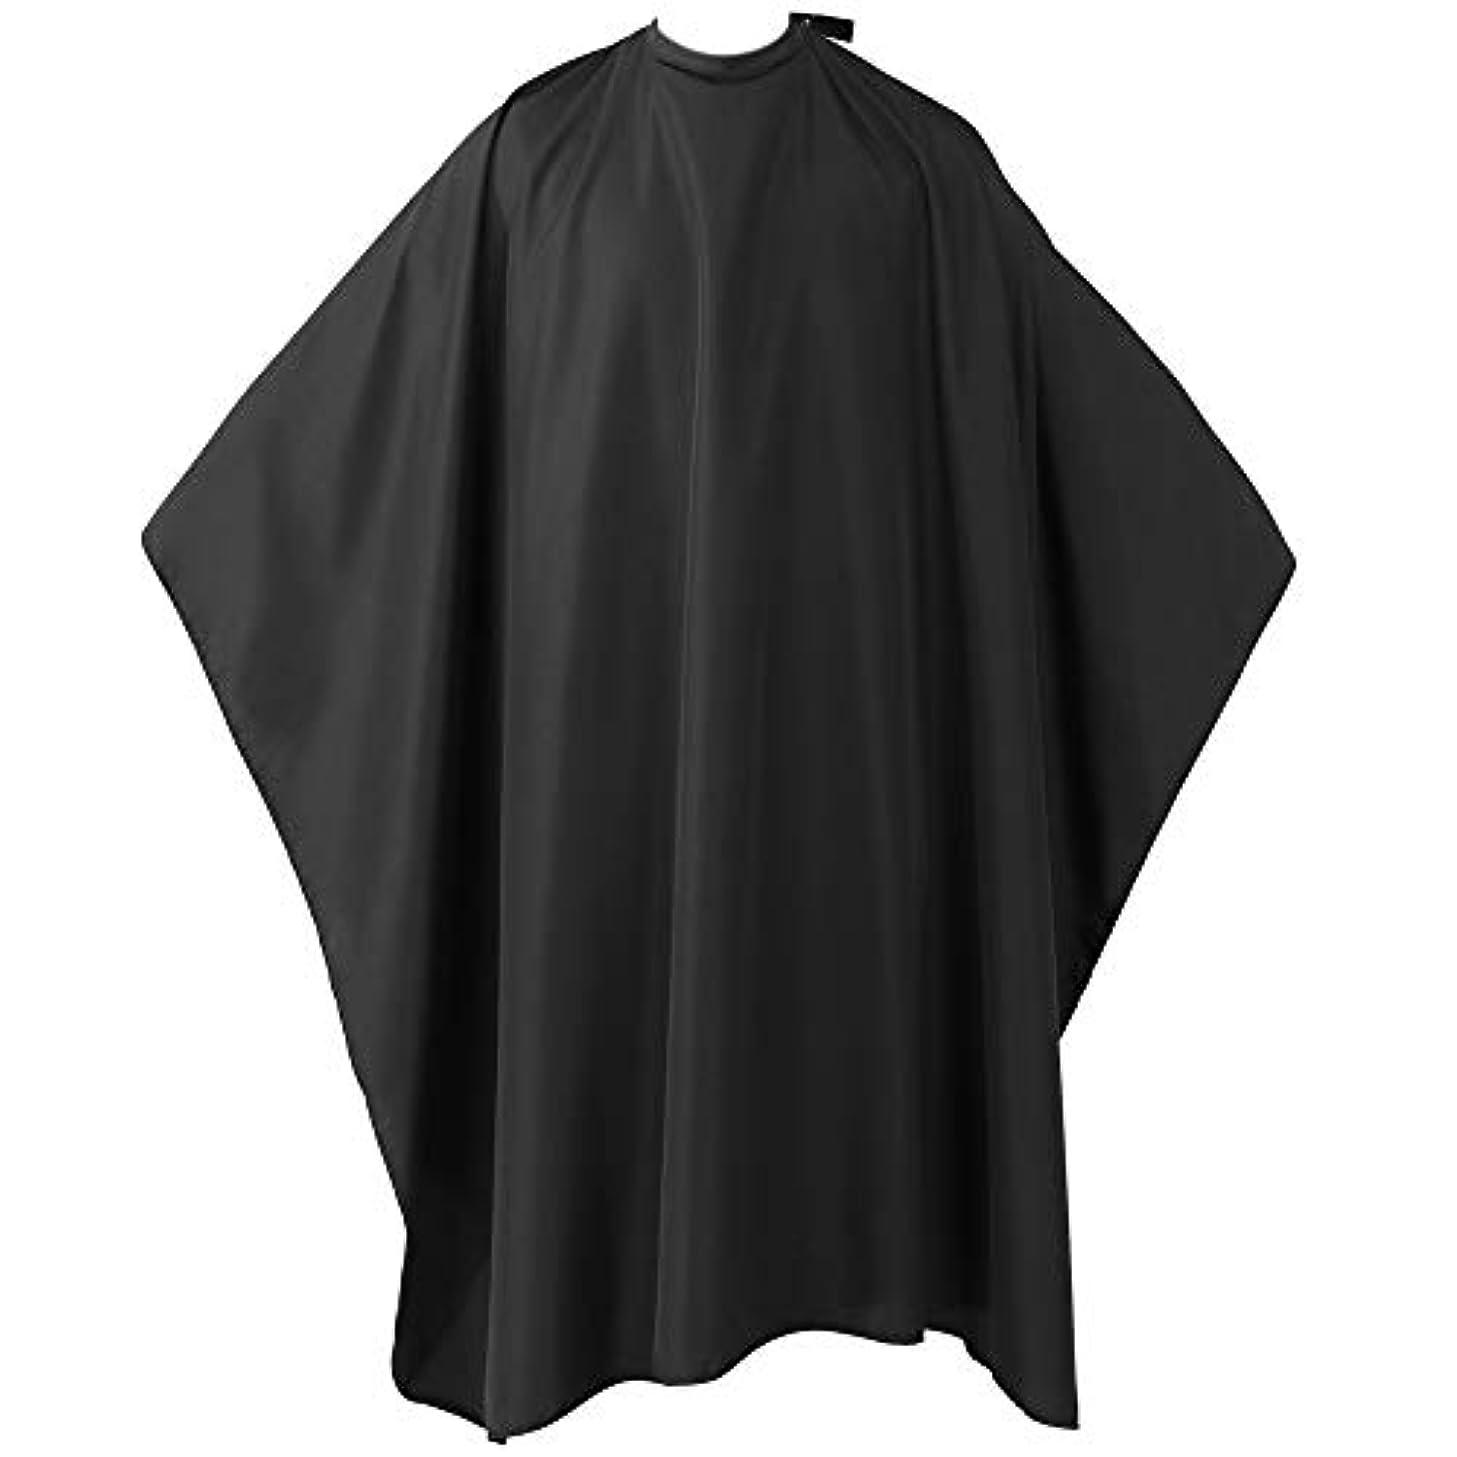 つかいますセンブランス誘発するヘアーエプロン 散髪マント 散髪ケープ ファミリー理髪 折りたたみ式 防水加工 ヘアスタイリングツール (ブラック)